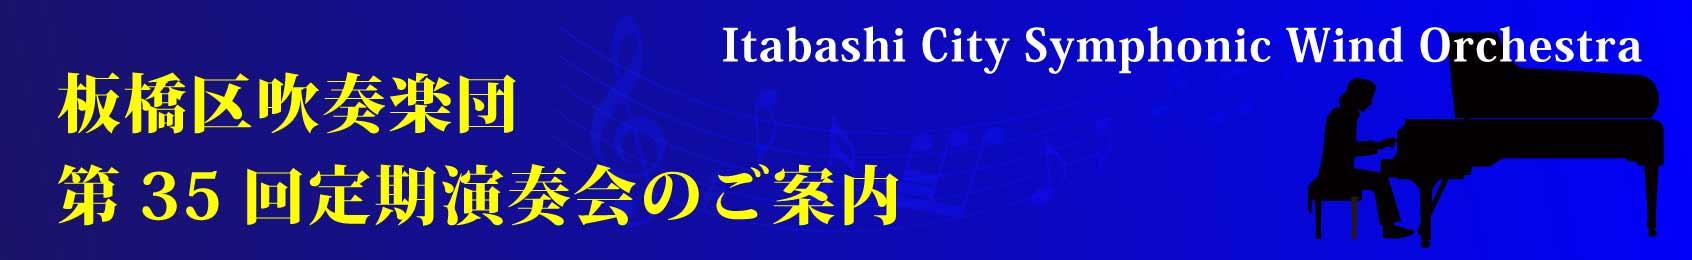 板橋区吹奏楽団 第35回定期演奏会 開催のご案内